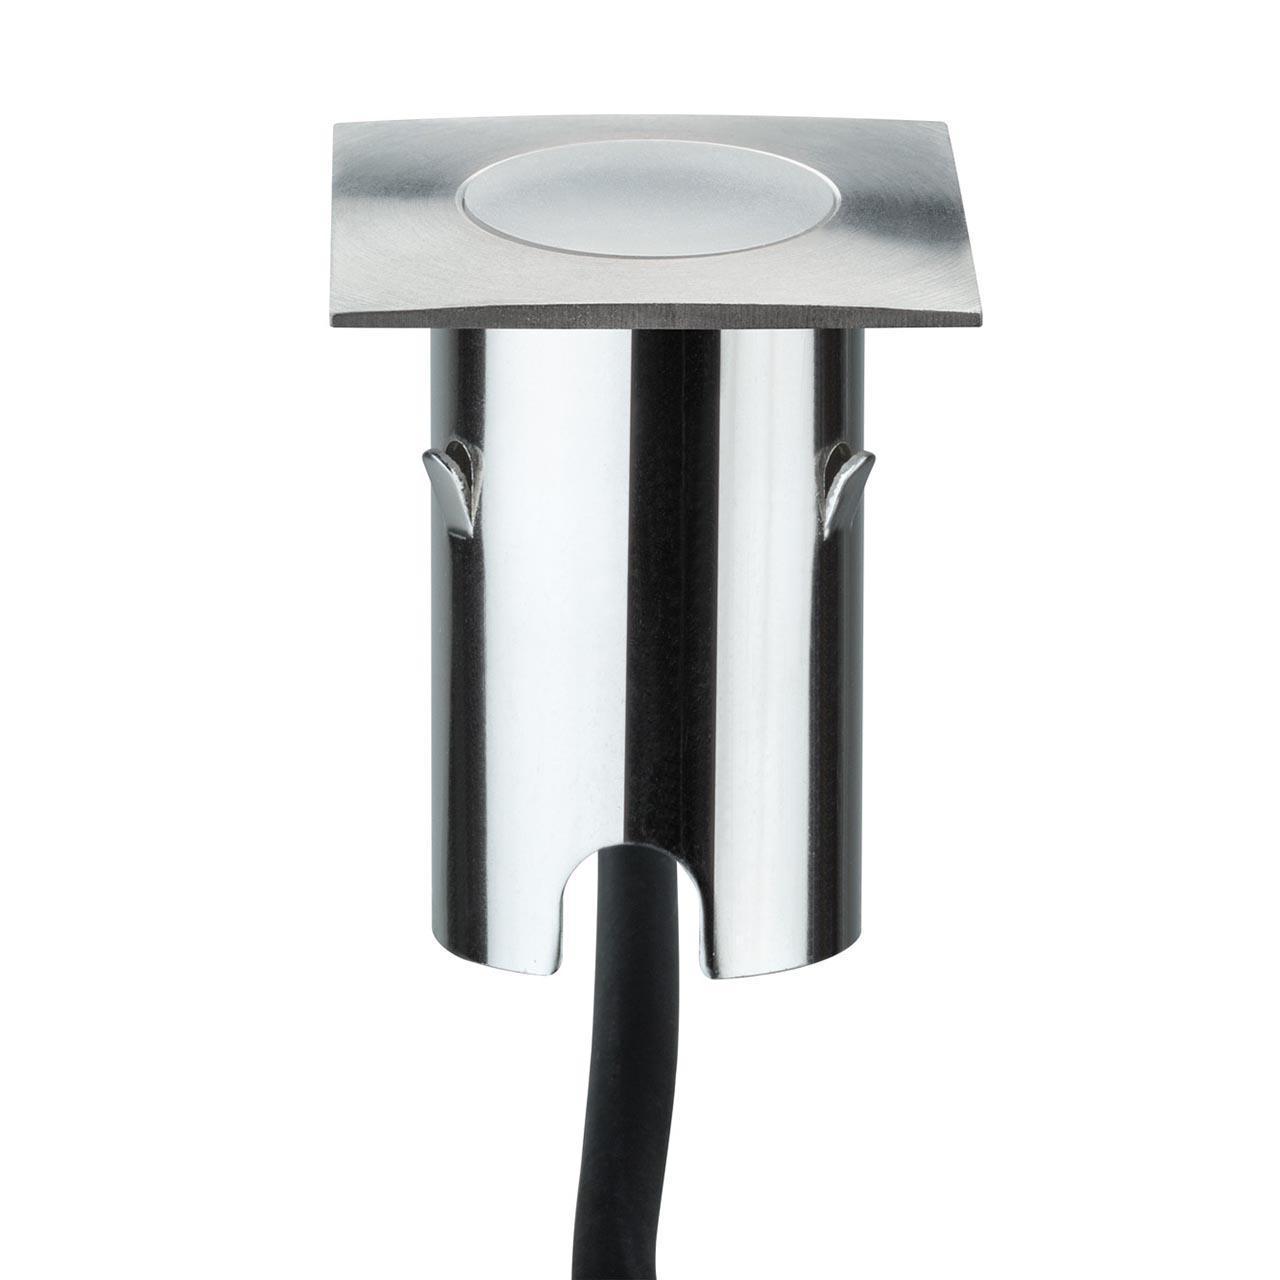 Ландшафтный светодиодный светильник Miniplus Basic